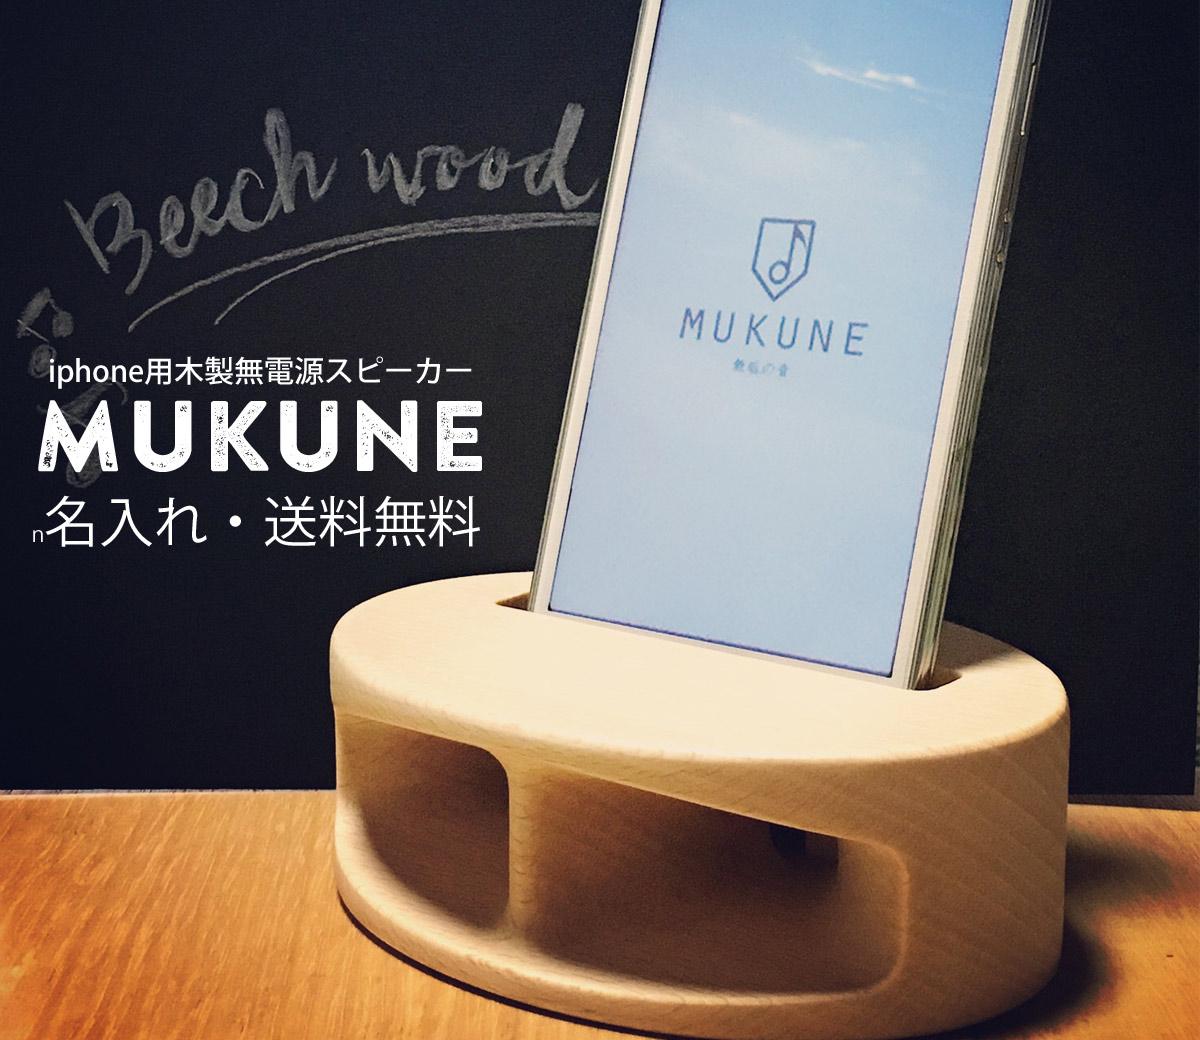 【名入れ】iPhone用木製無電源スピーカー「MUKUNE」ポータブルスピーカー 誕生日プレゼント ホワイトデープレゼント 父の日 母の日 木製(ブナ/ヤマザクラ)